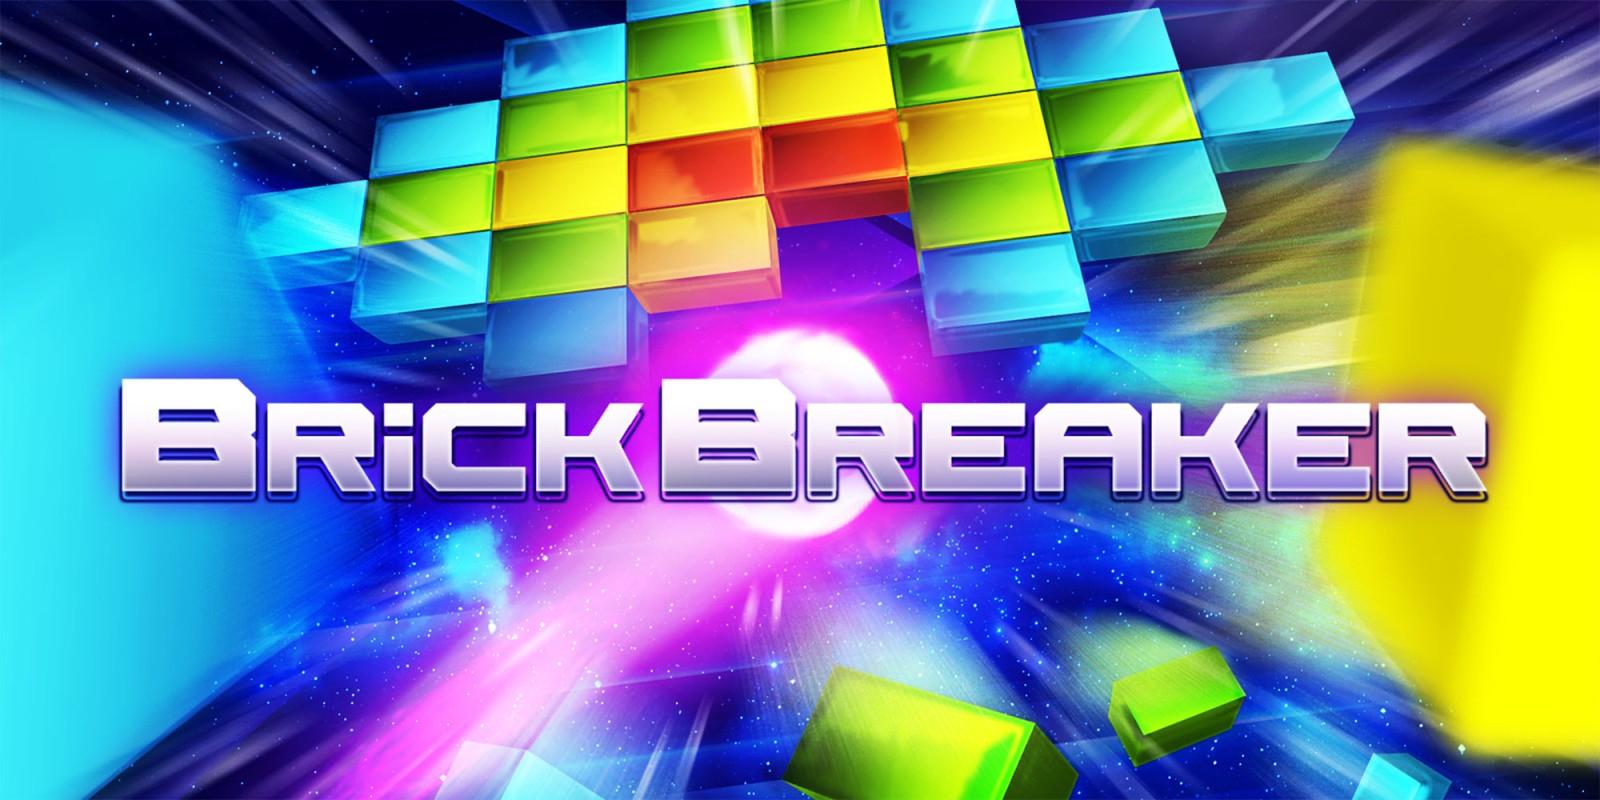 Brick Breaker | Jeux À Télécharger Sur Nintendo Switch tout Jeux De Casse Brique